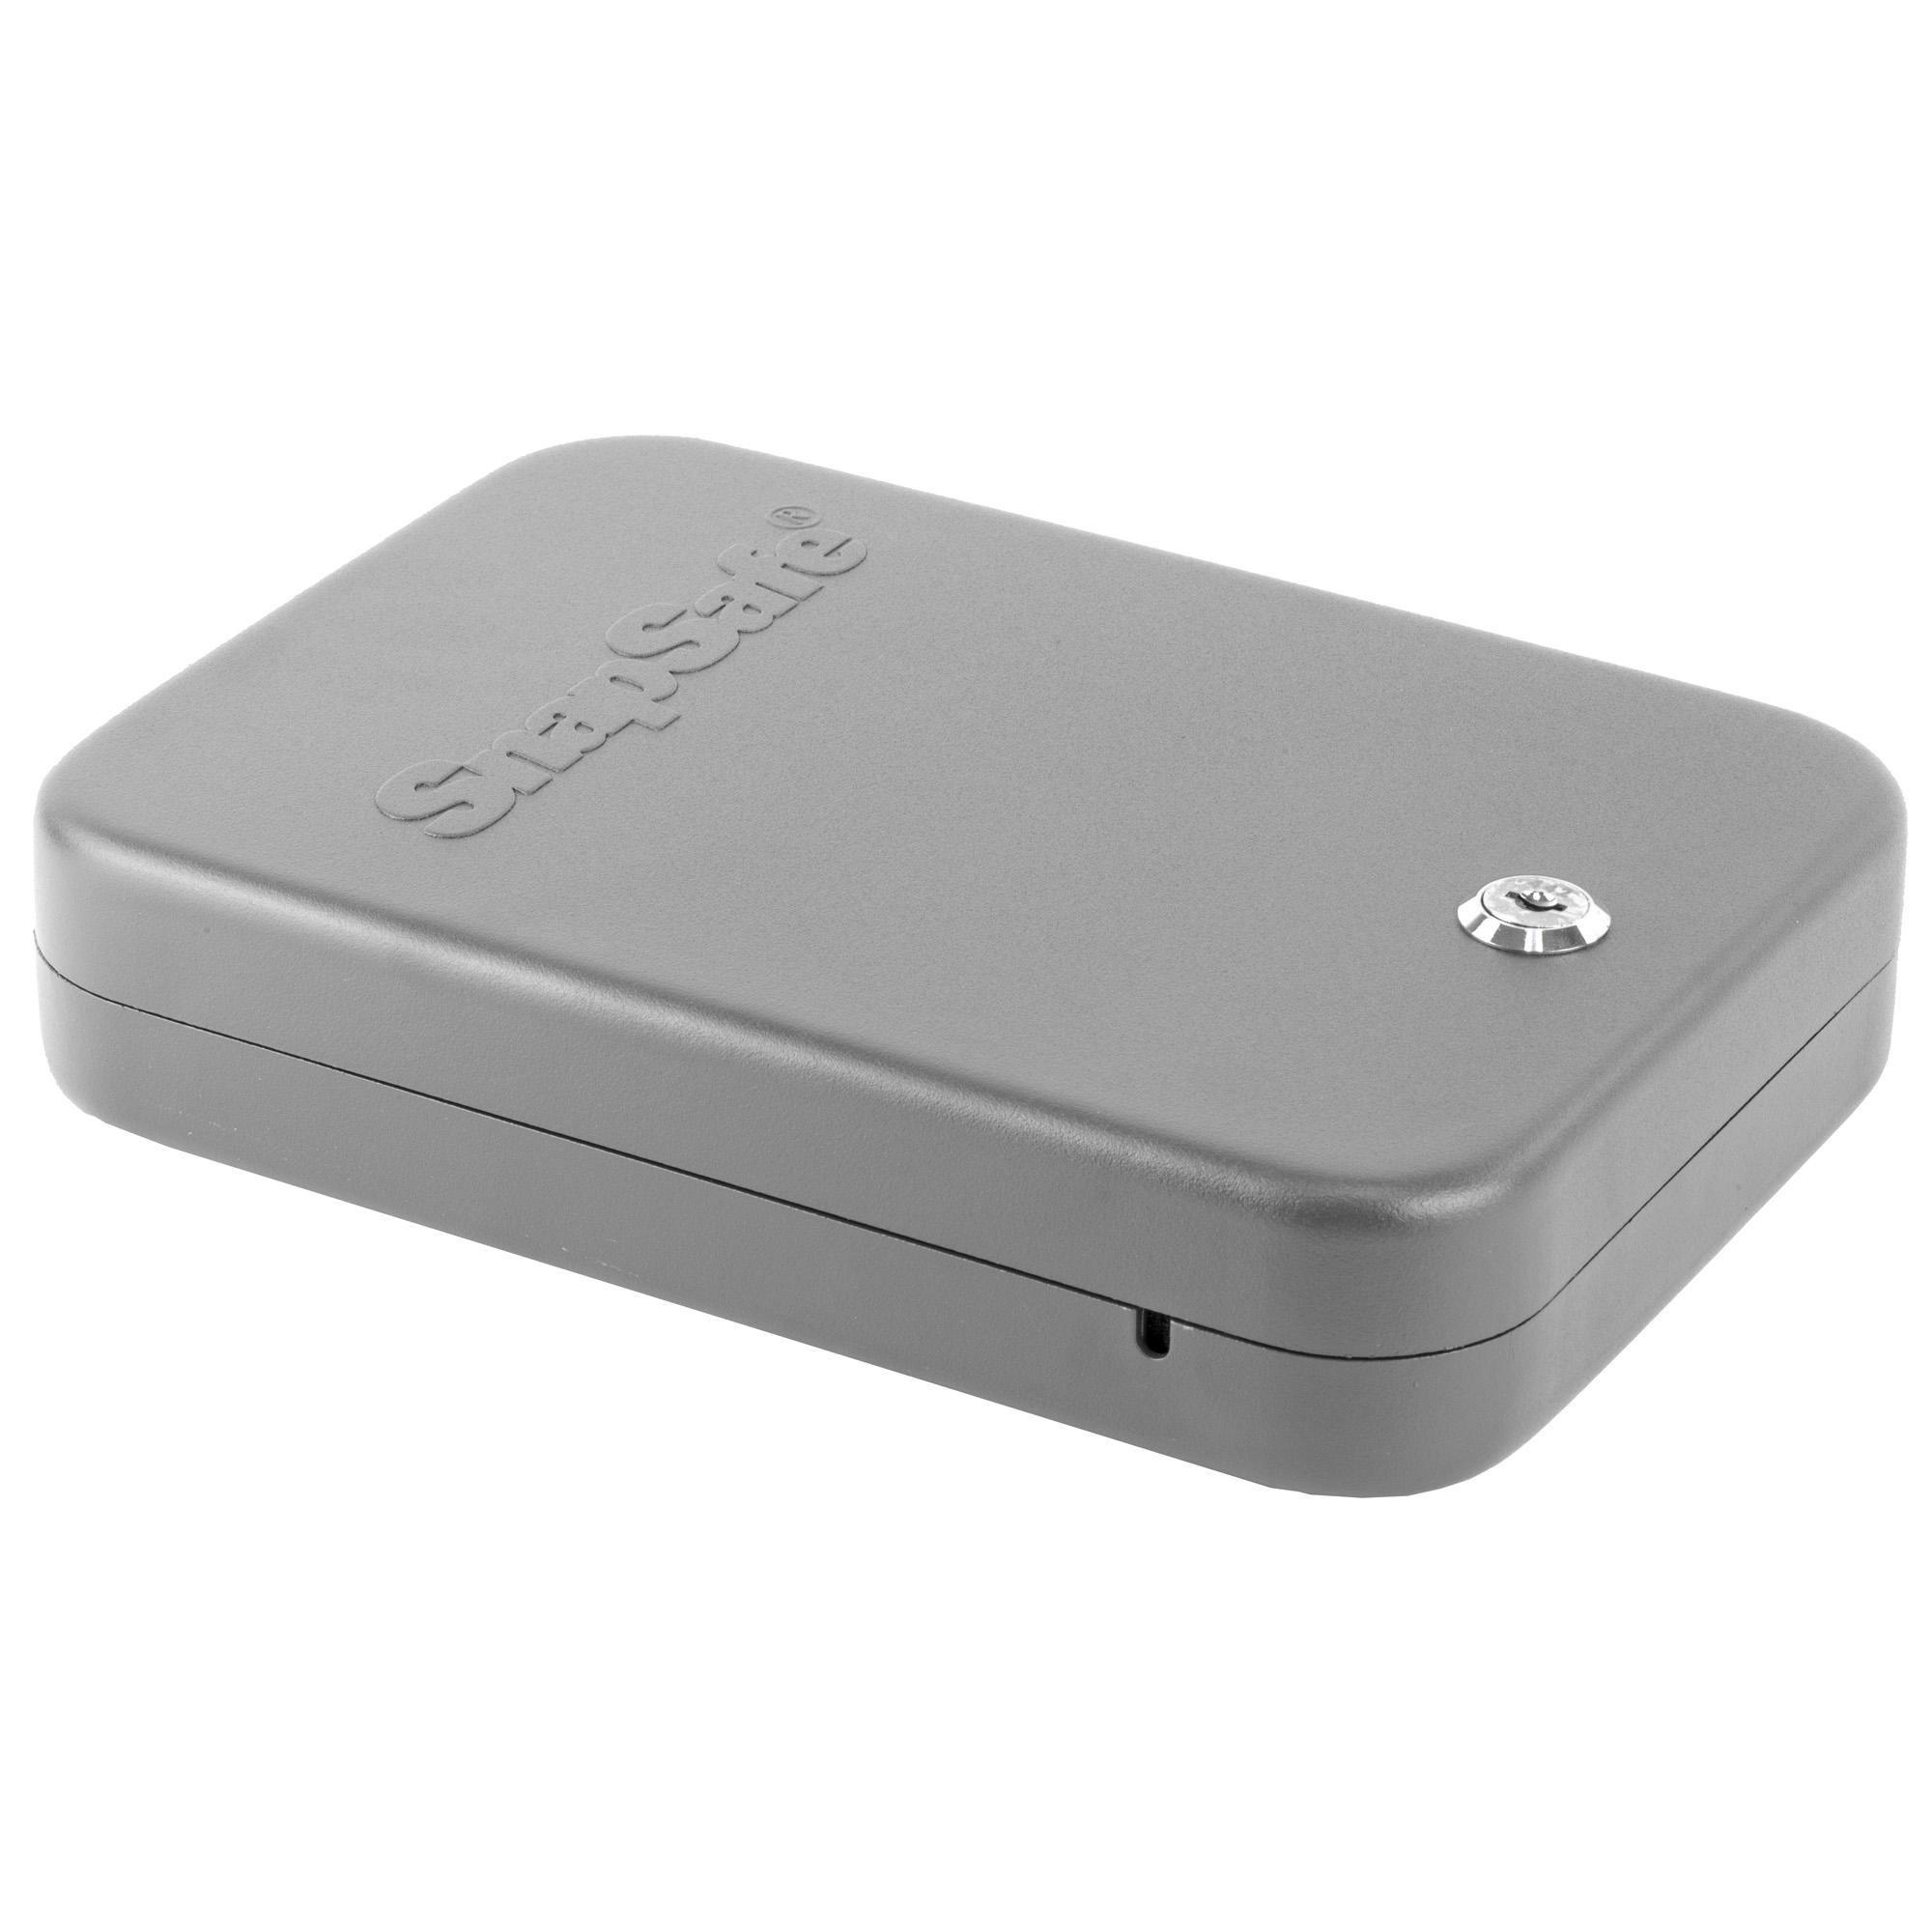 Snapsafe X-large Lock Box Keyed